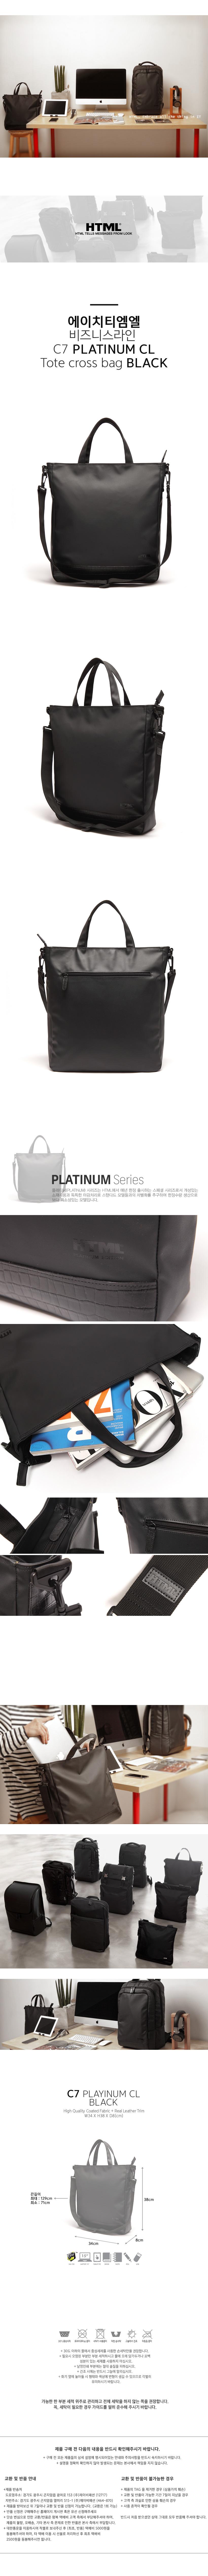 [에이치티엠엘]HTML- C7 PLATINUM Crossbag (Black) 크로스백 토트백